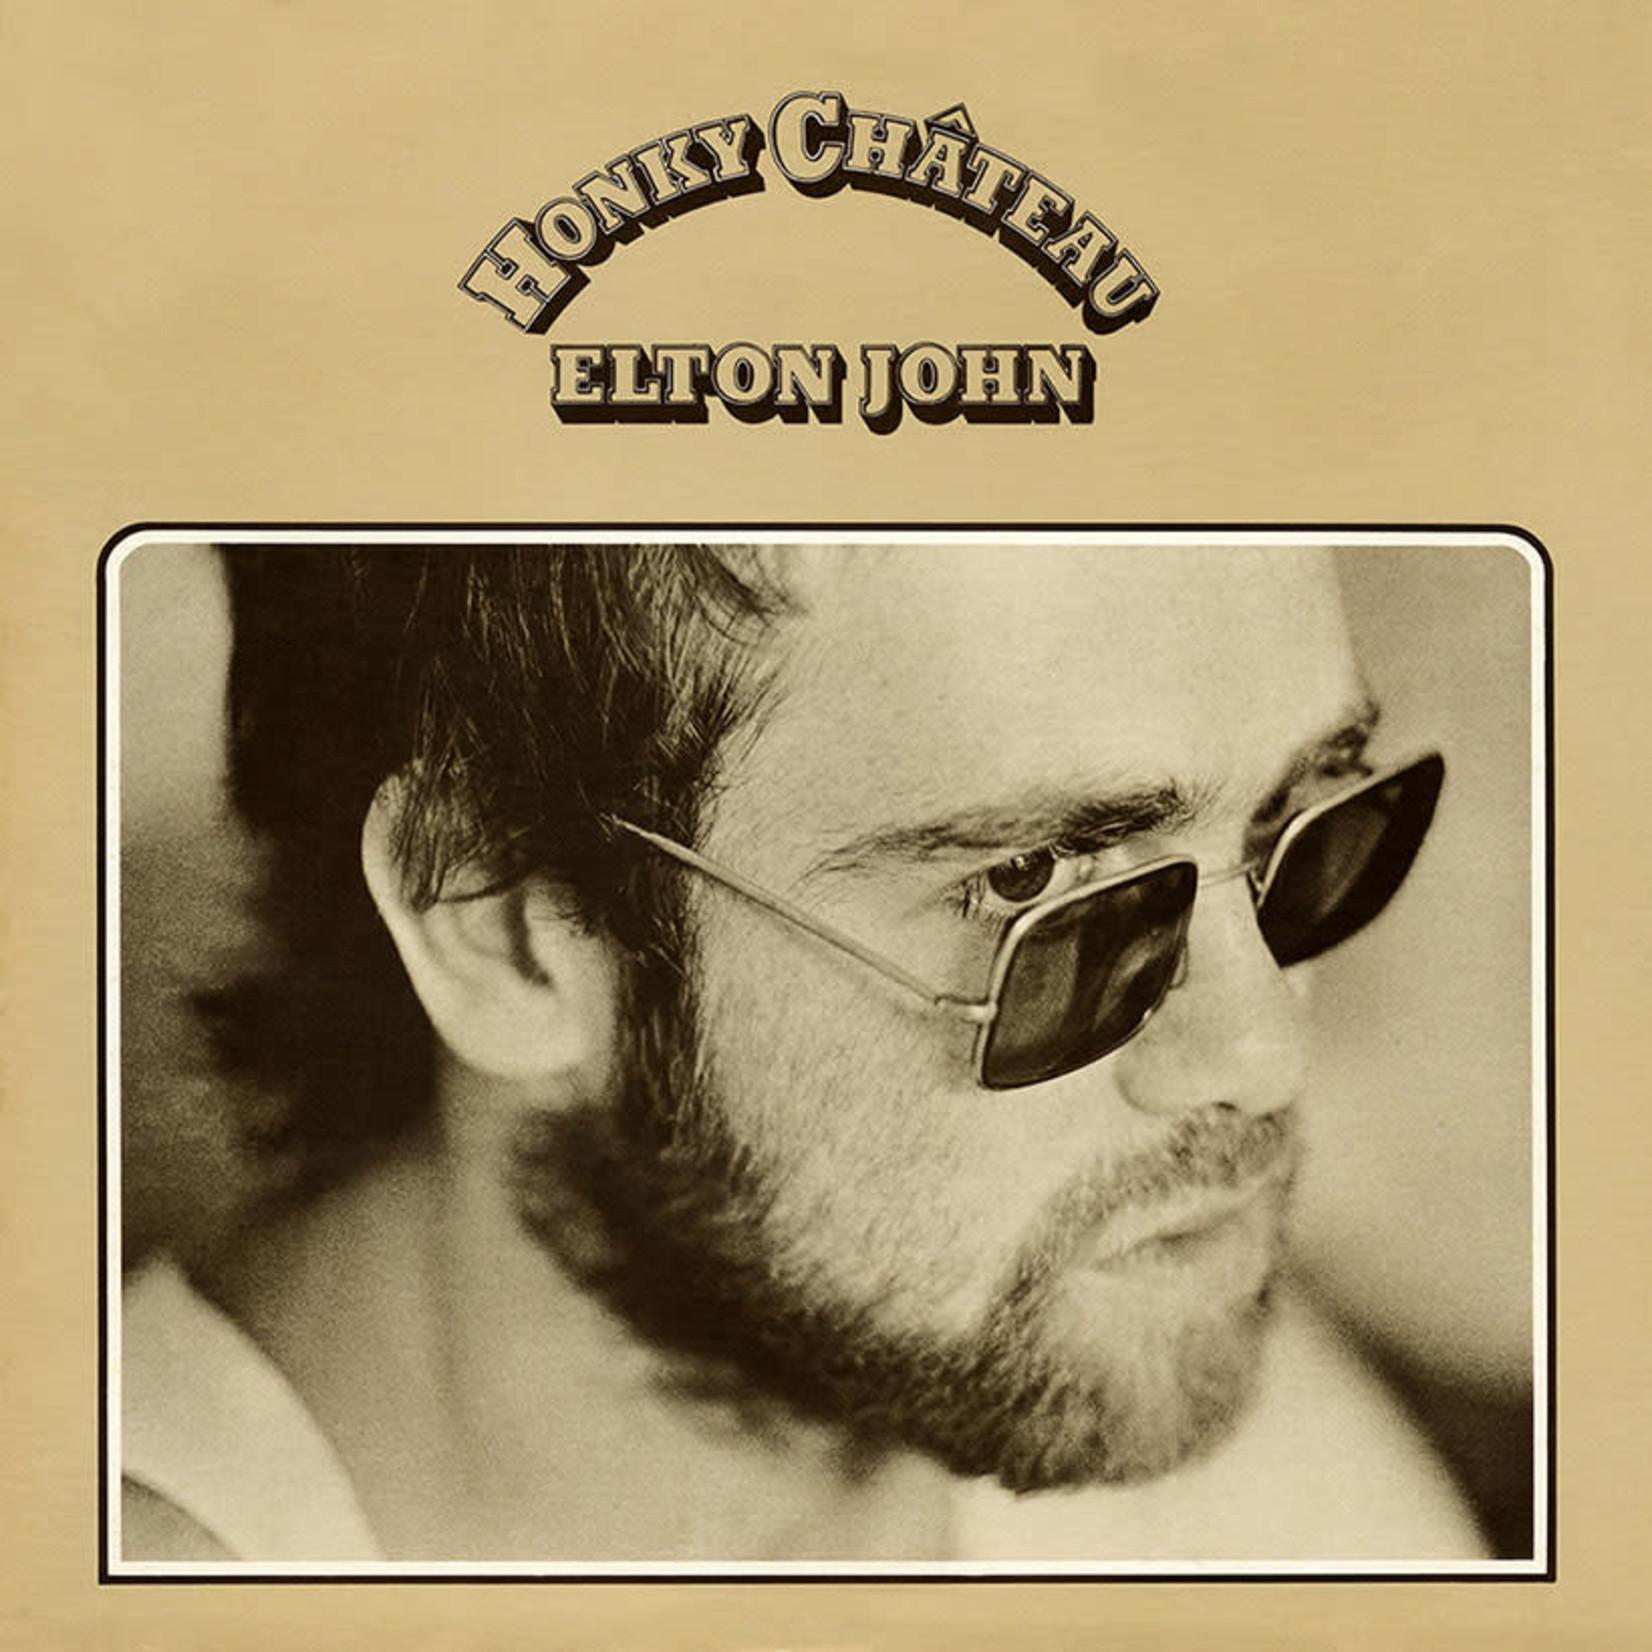 [Vintage] John, Elton: Honky Chateau